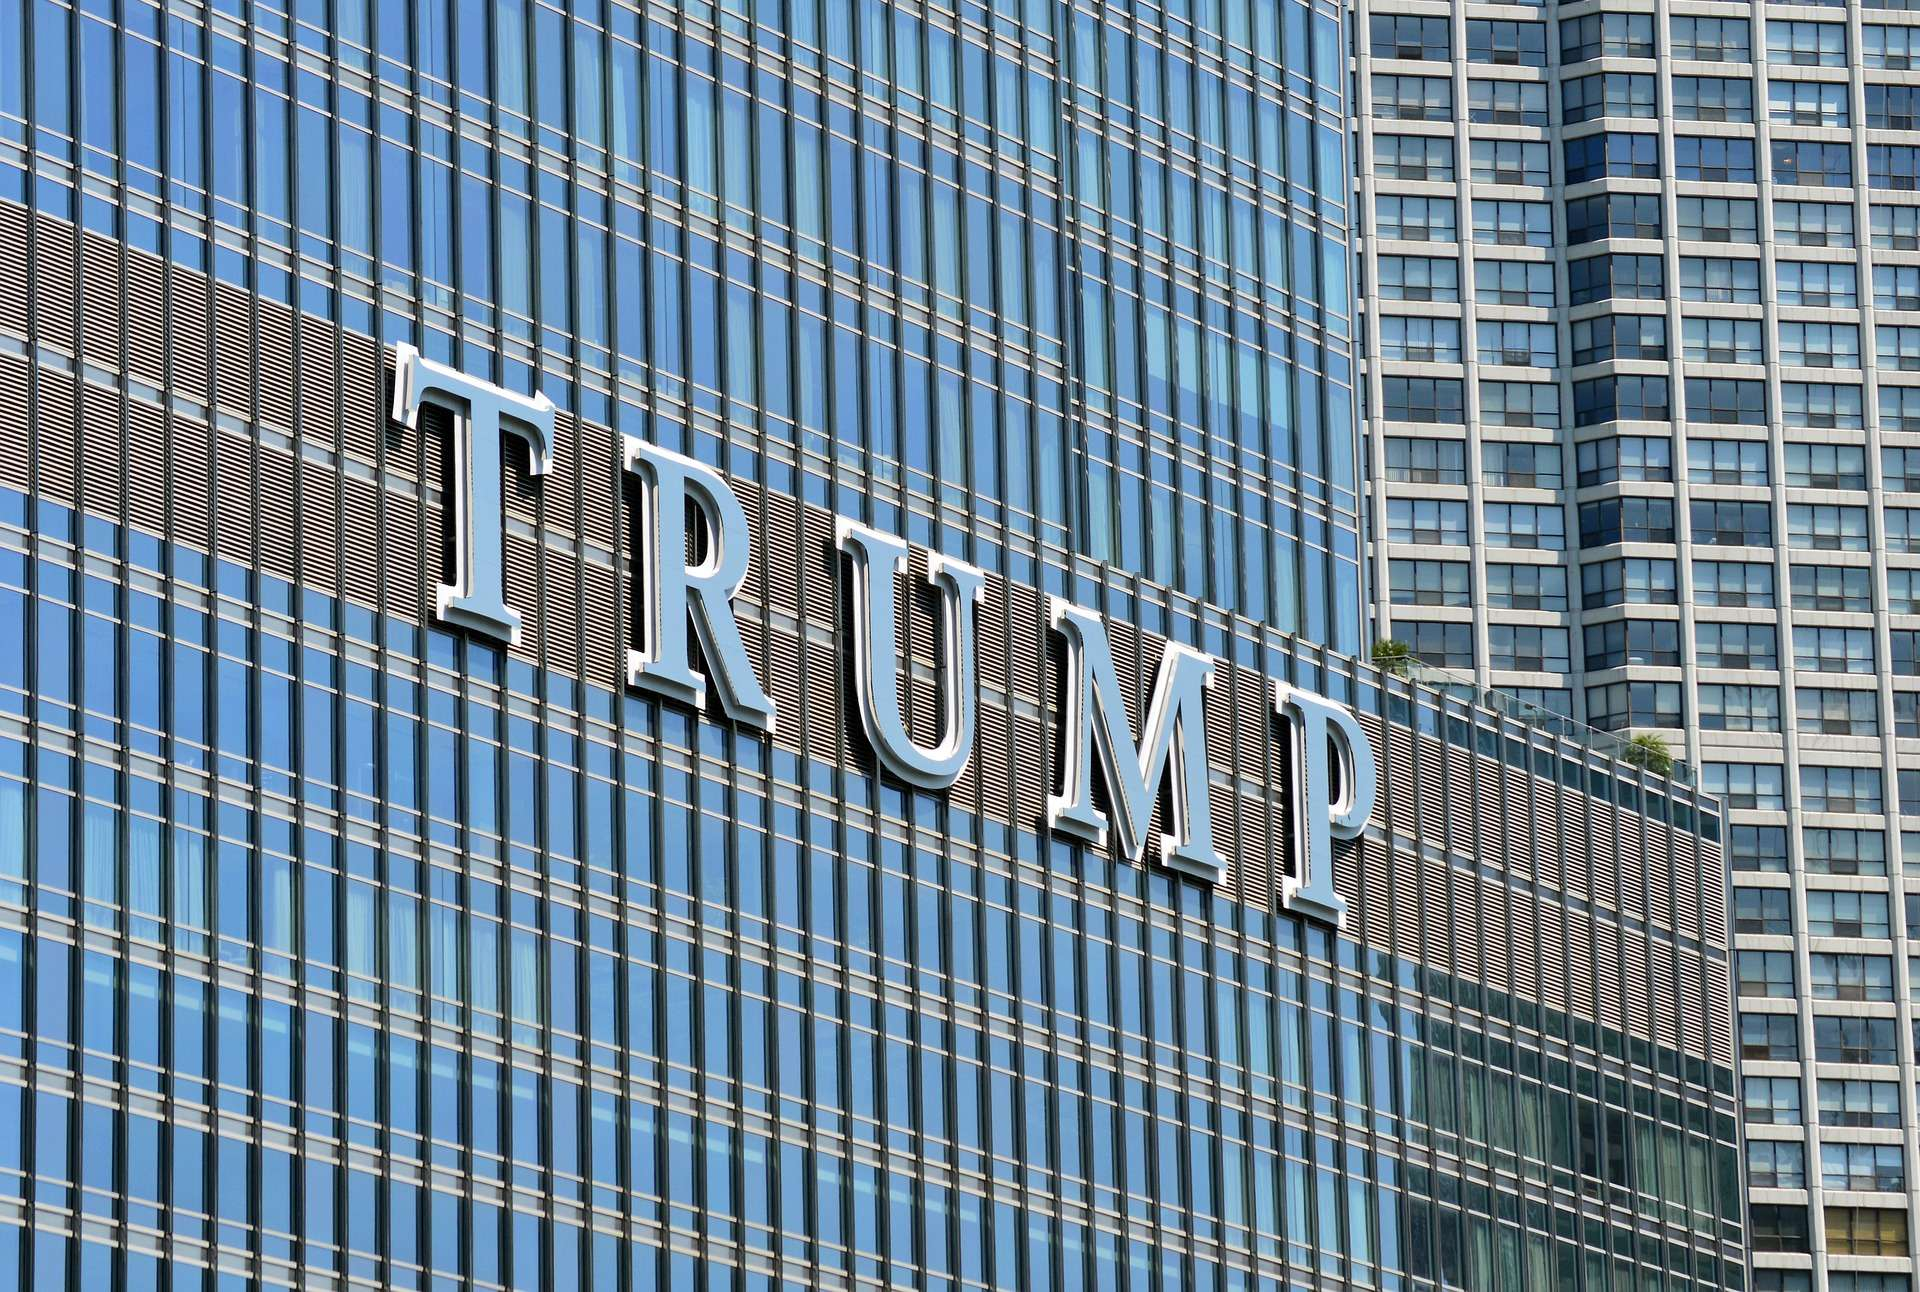 Trump Vermögen